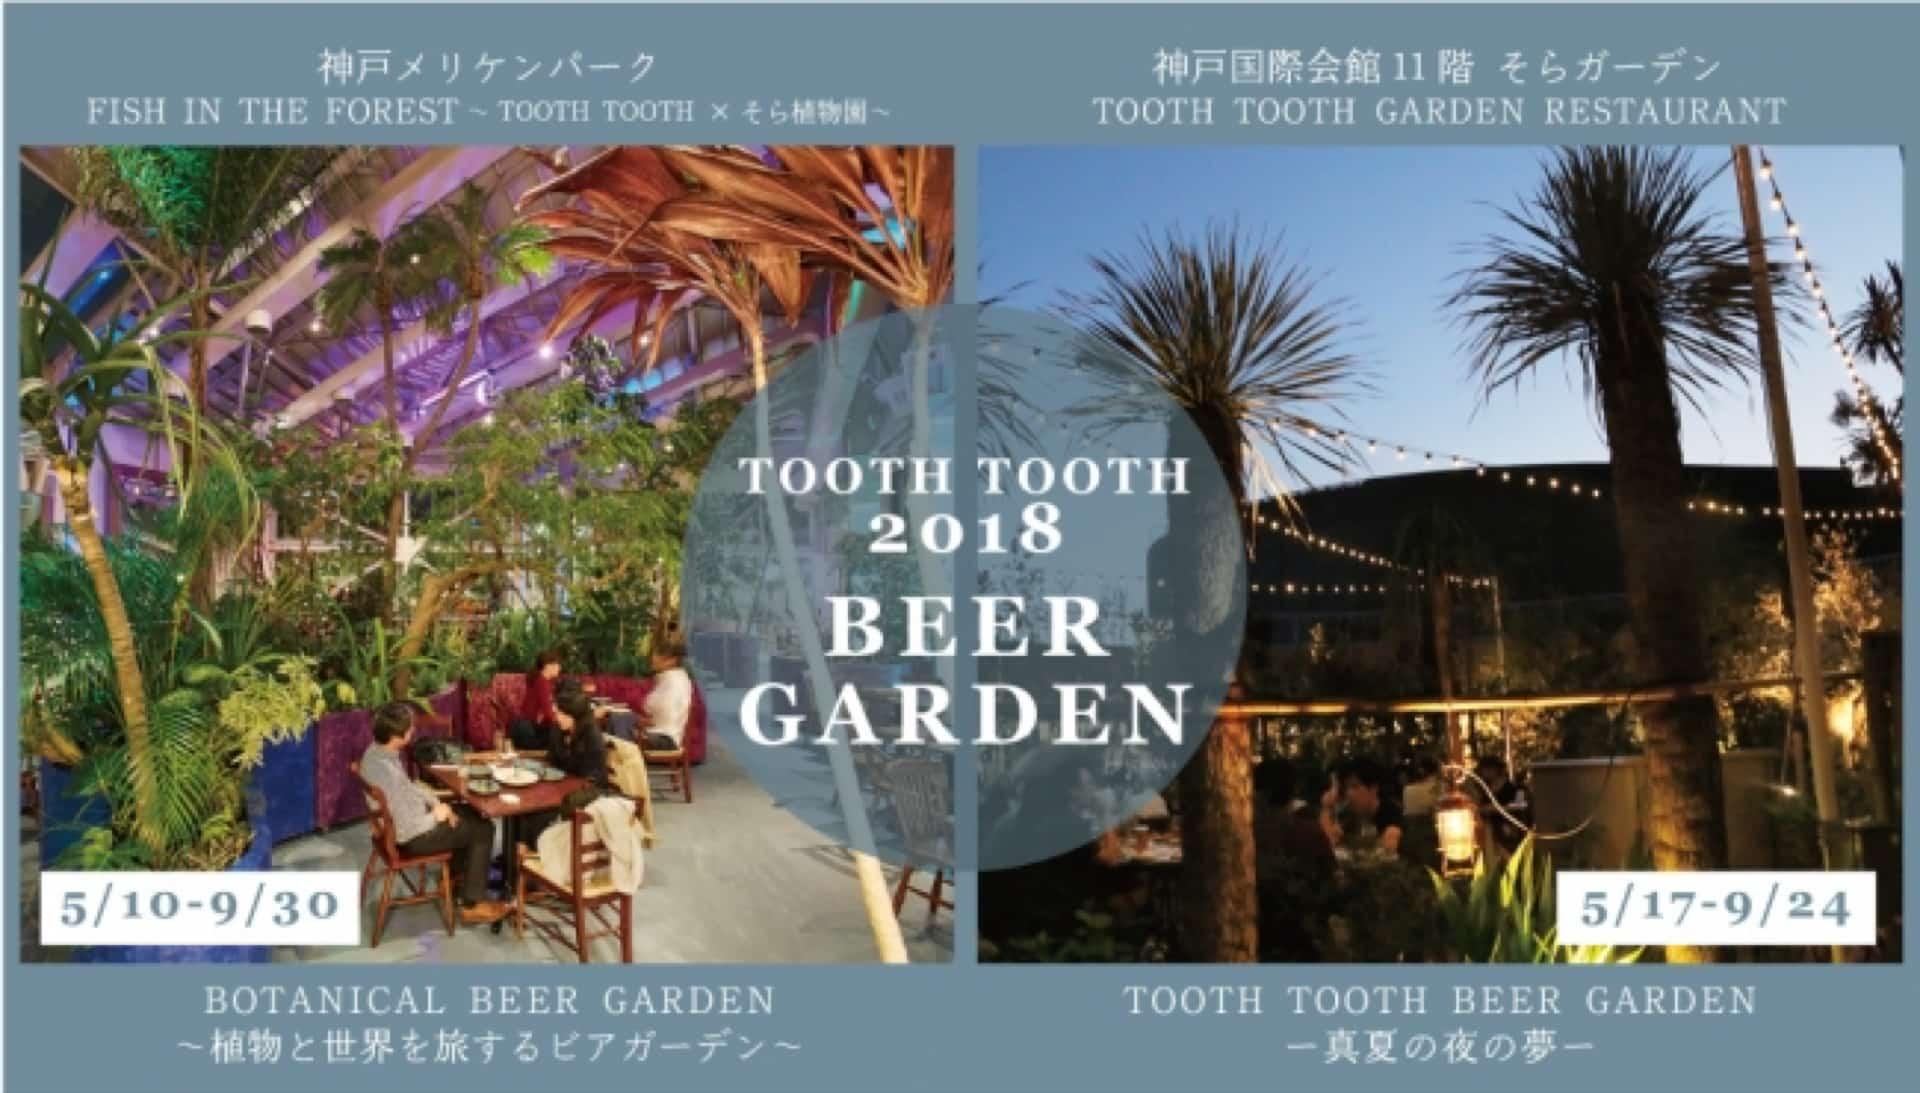 神戸の2つの「TOOTH TOOTH」でビアガーデン開催!グリーンに囲まれたおしゃれな空間が最高